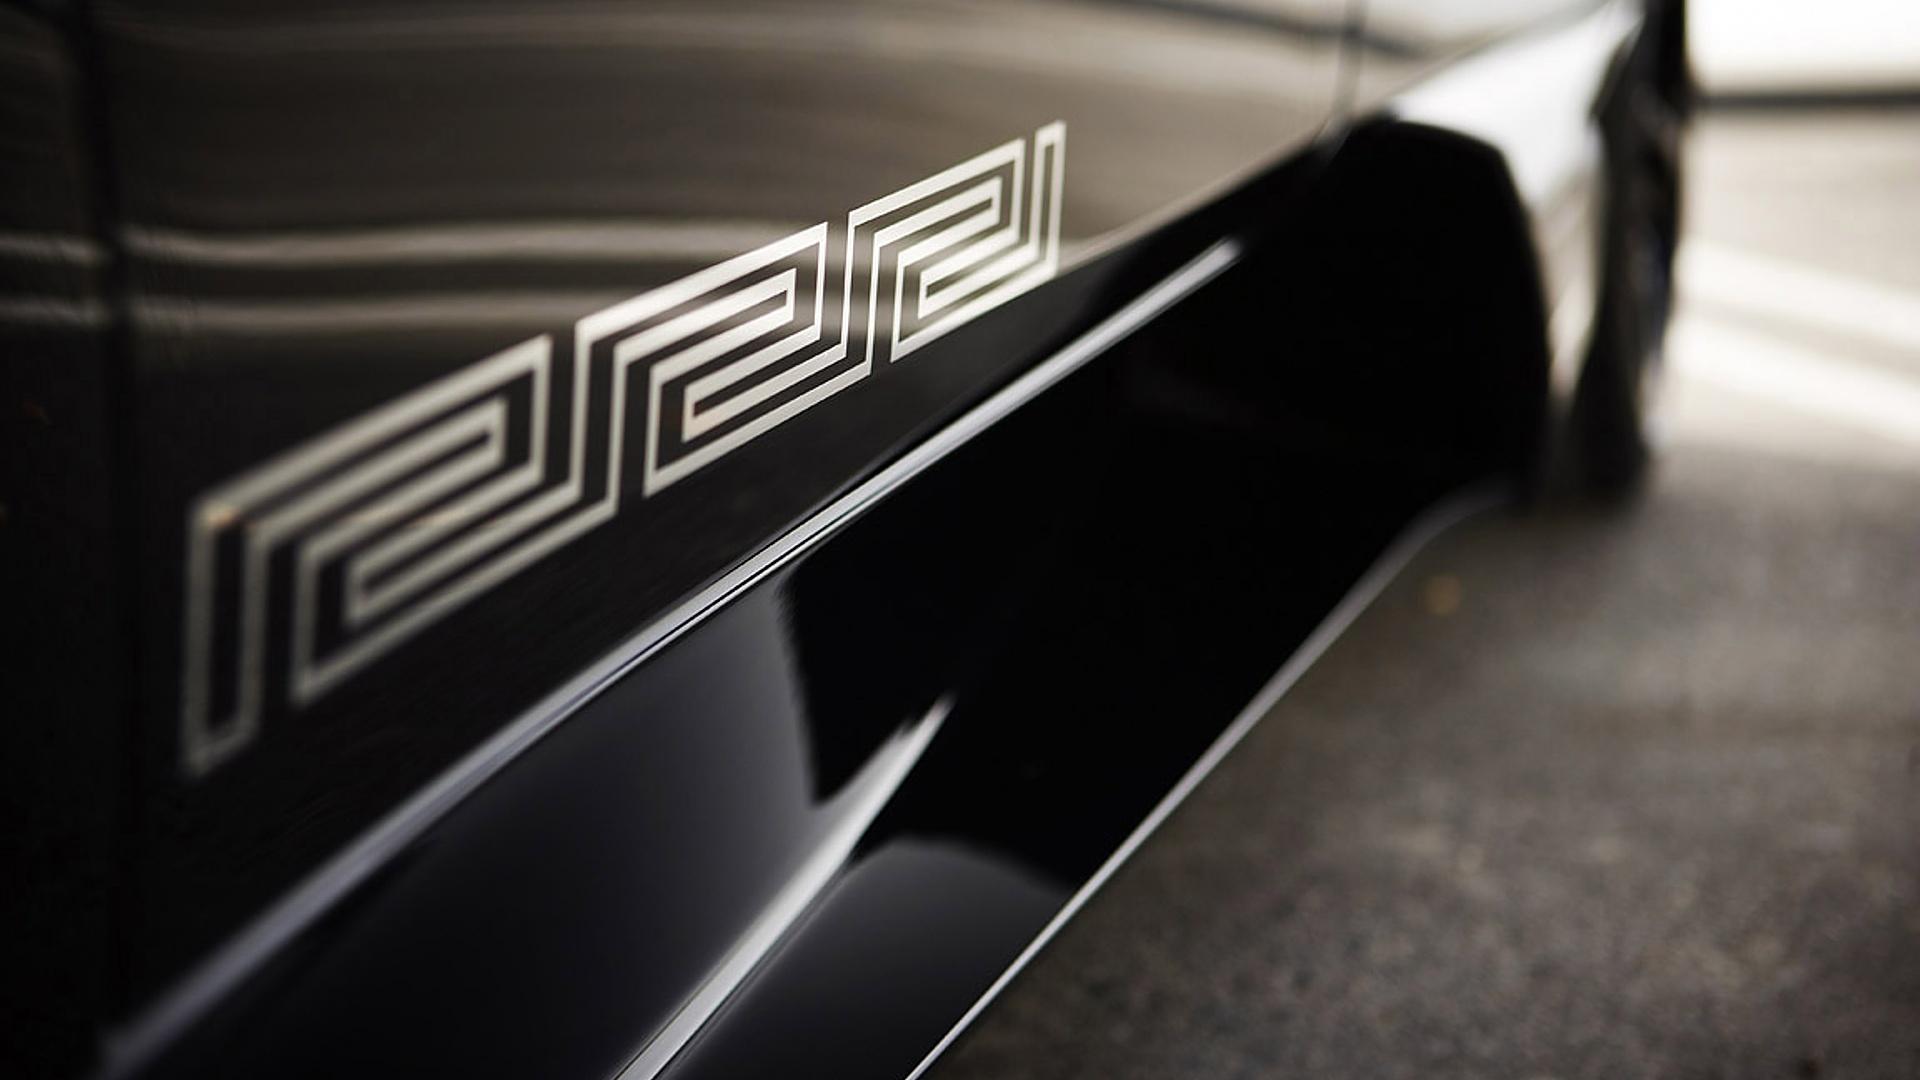 Lamborghini Wallpaper Full Hd Versace Wallpapers Hd Pixelstalk Net